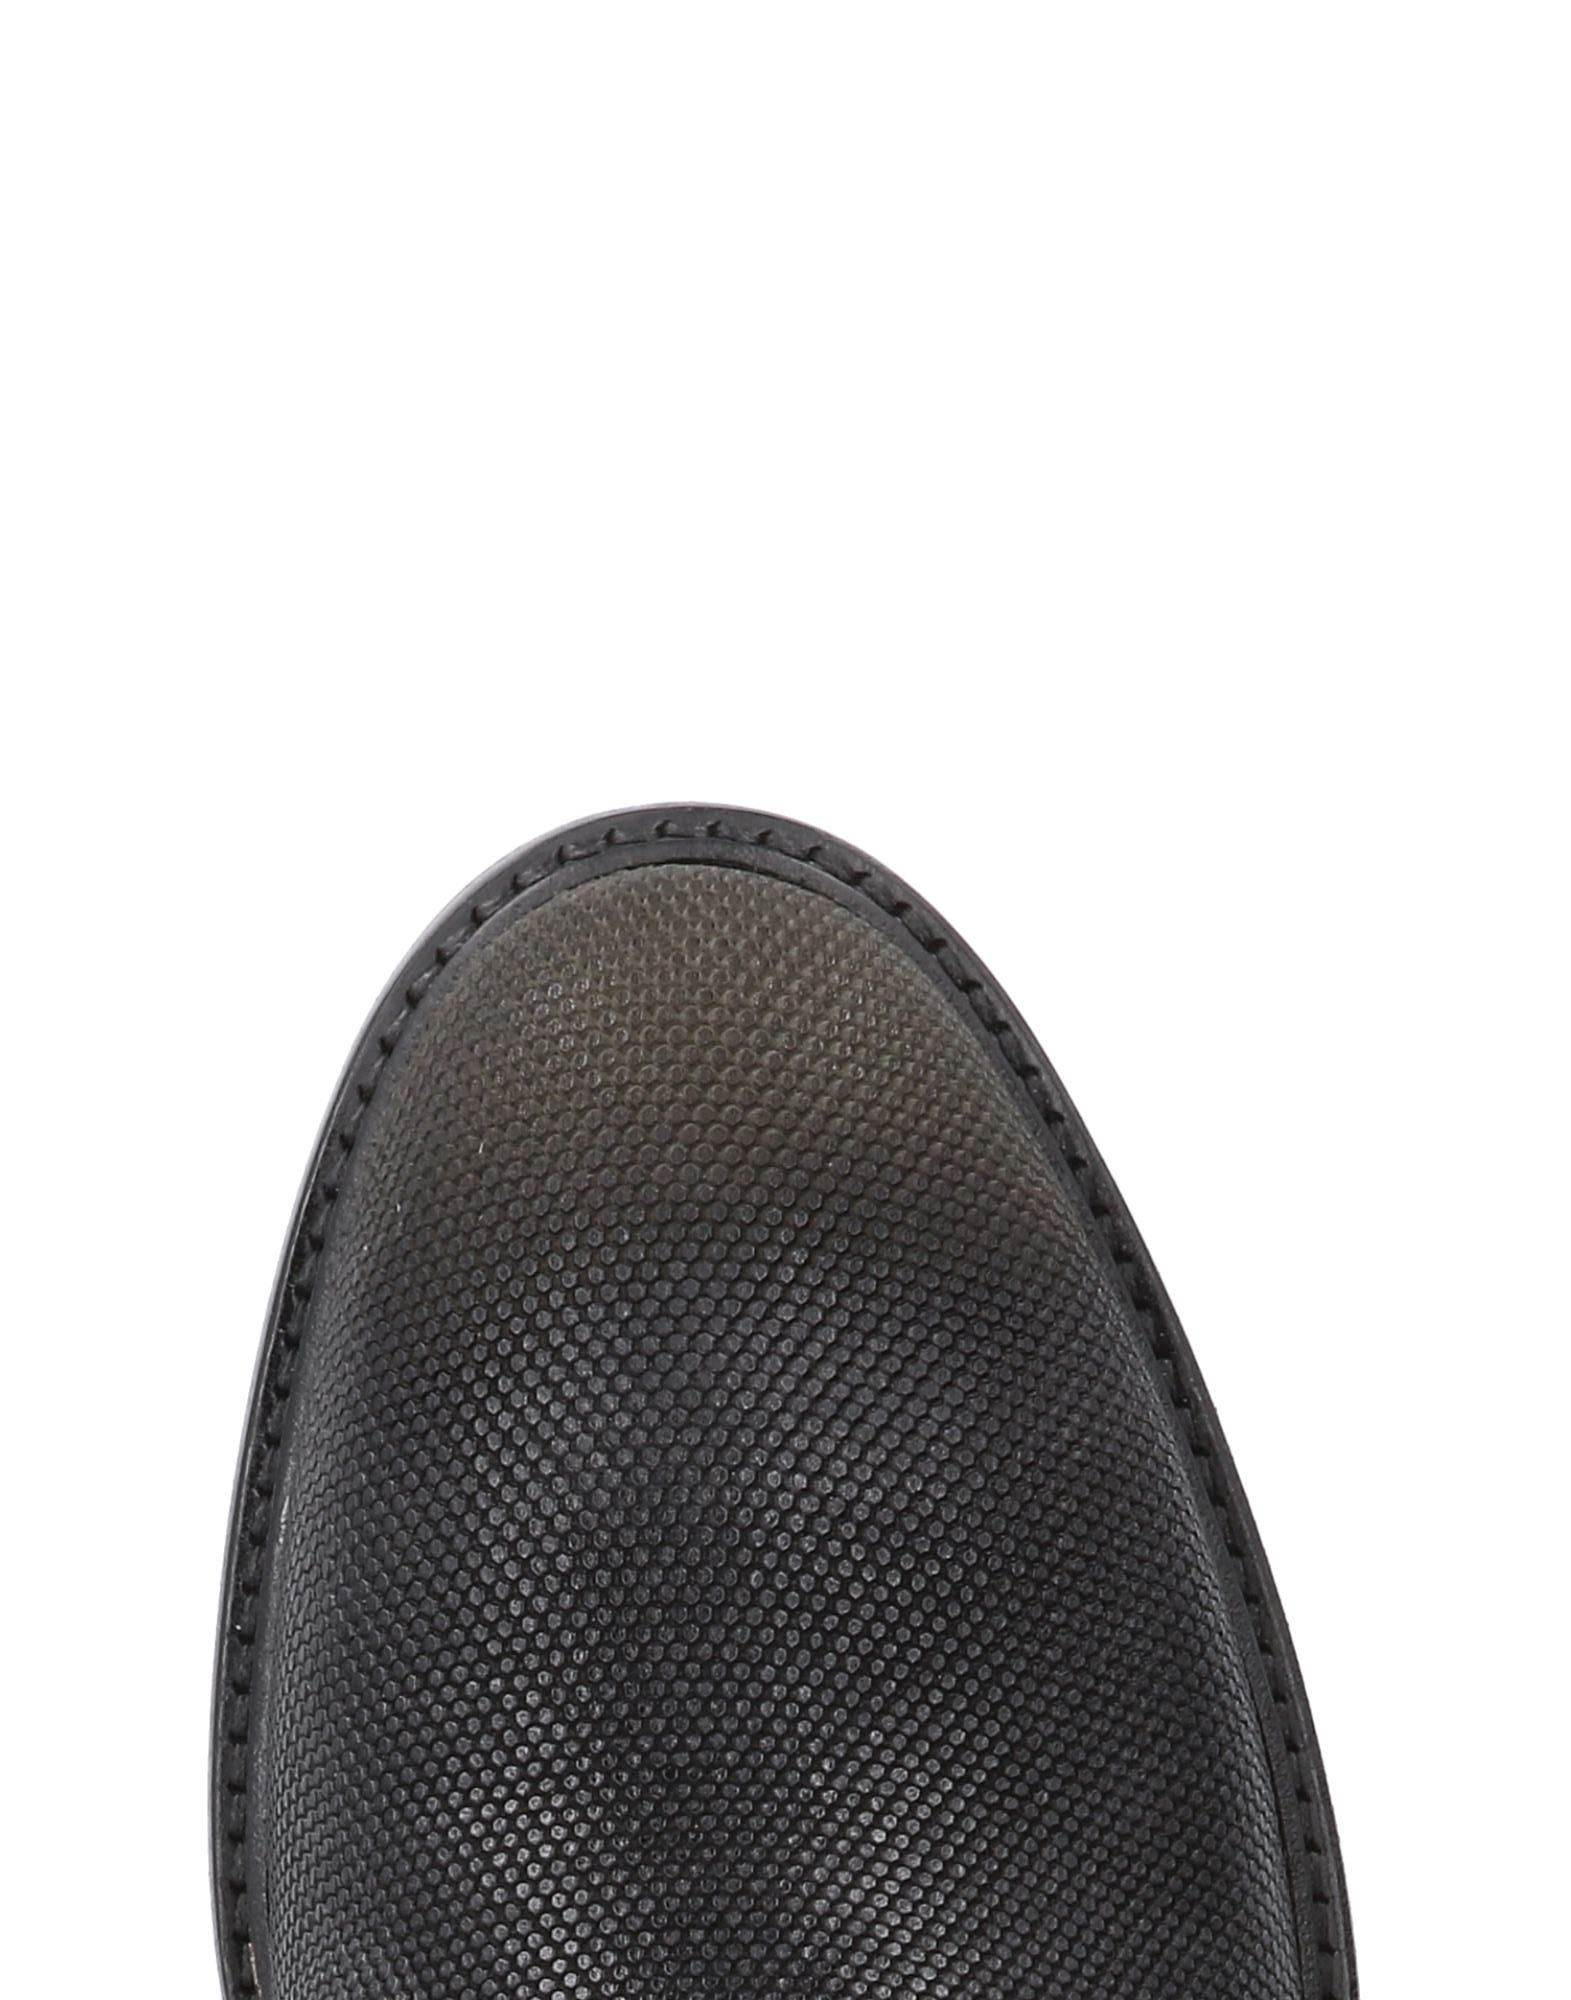 Sartori Gold Schnürschuhe Herren  11485165XH Gute Qualität beliebte Schuhe